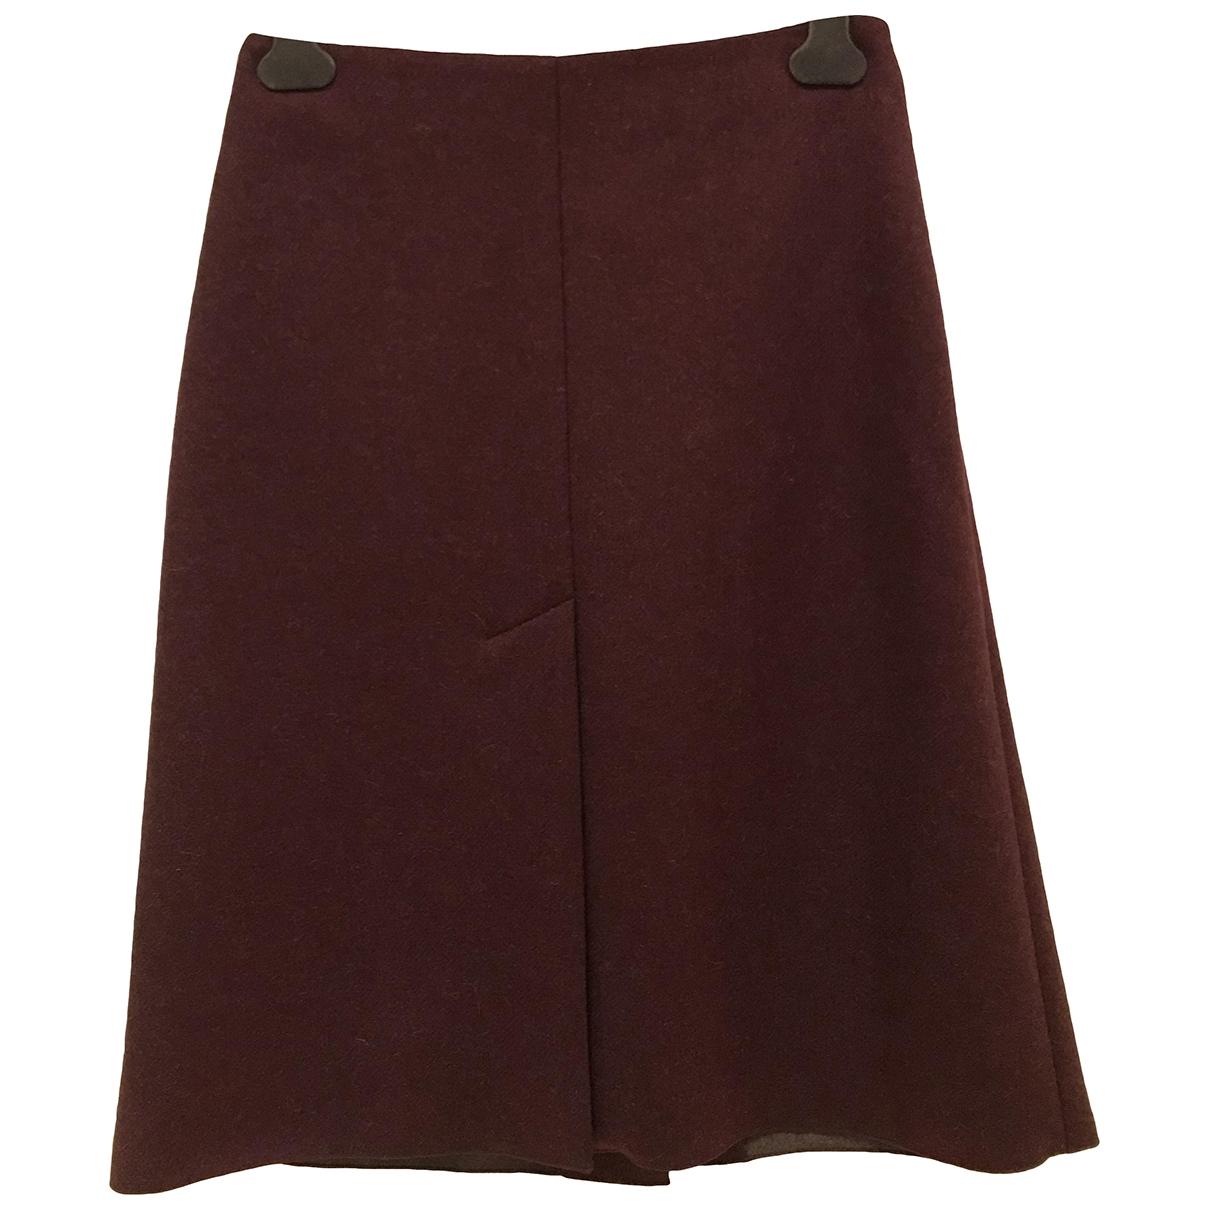 Maison Martin Margiela \N Burgundy Wool skirt for Women 40 IT